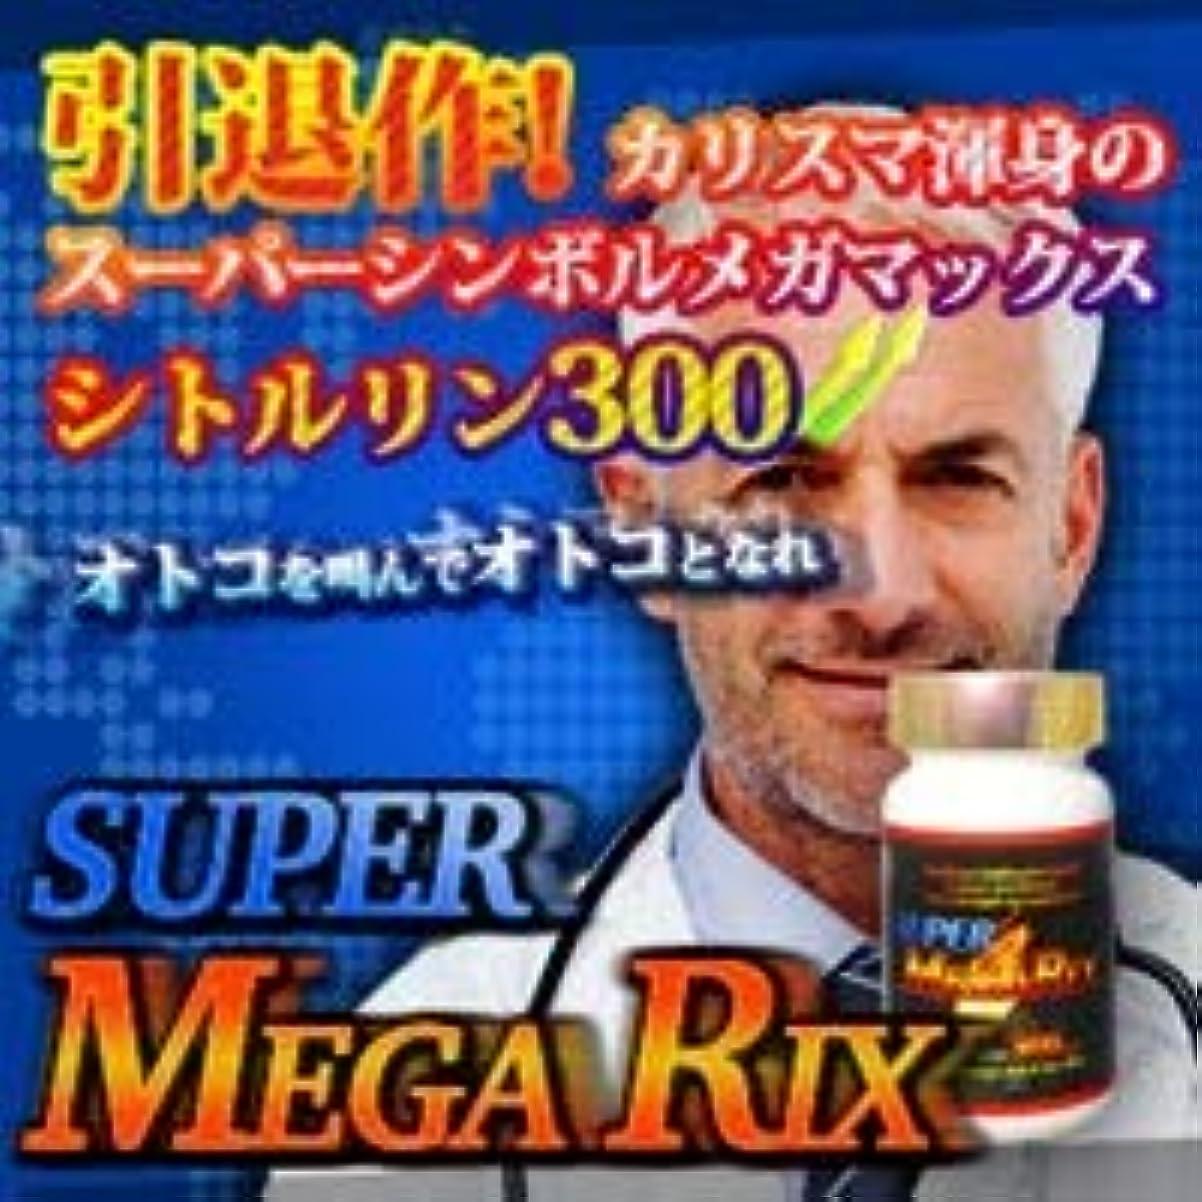 かもしれないリダクターカバーサイオ Super Megarix(スーパーメガリクス)120錠 特別価格120錠×1個